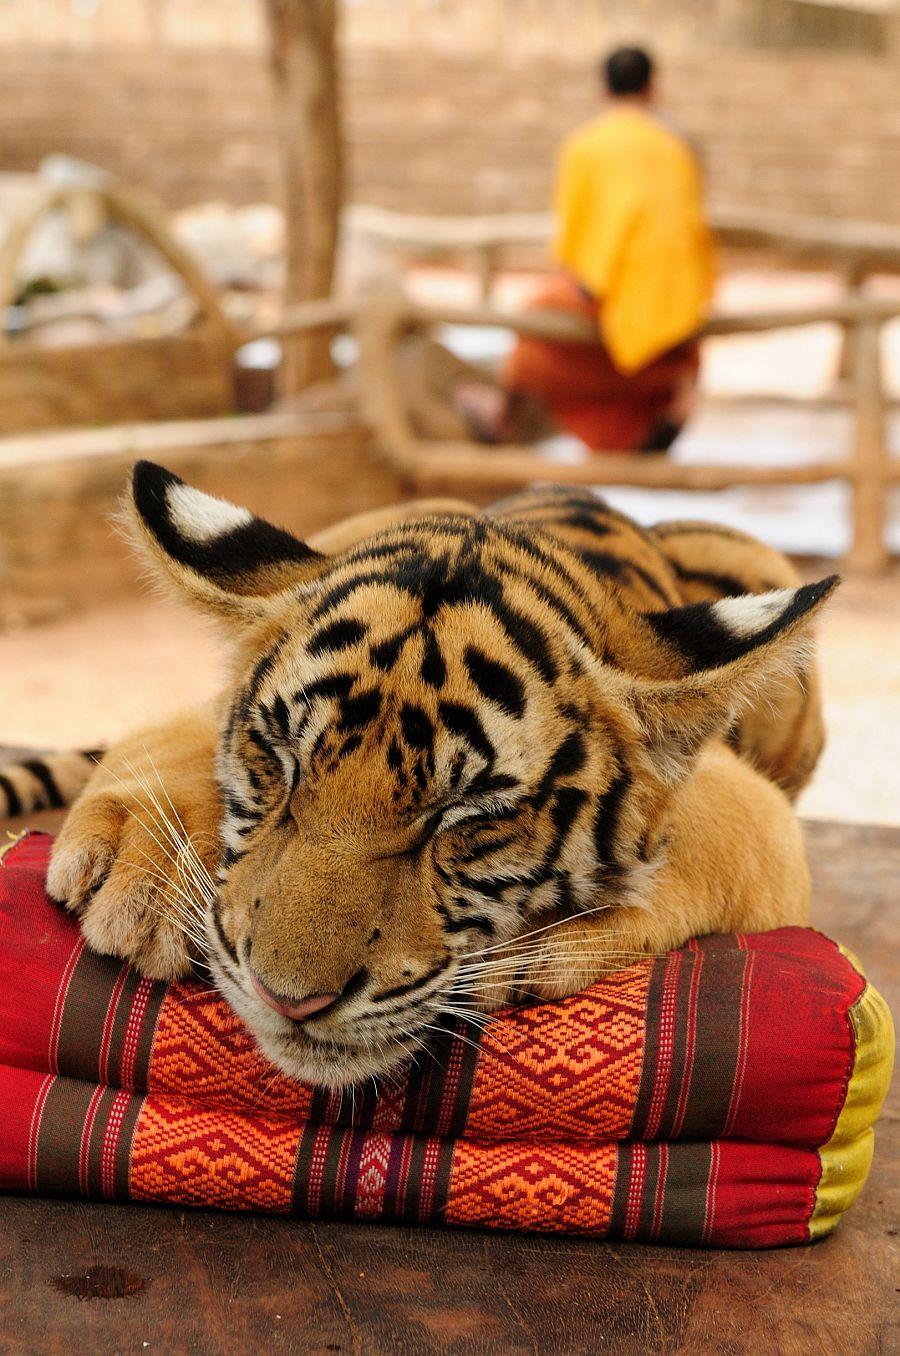 Thajsko_tygr